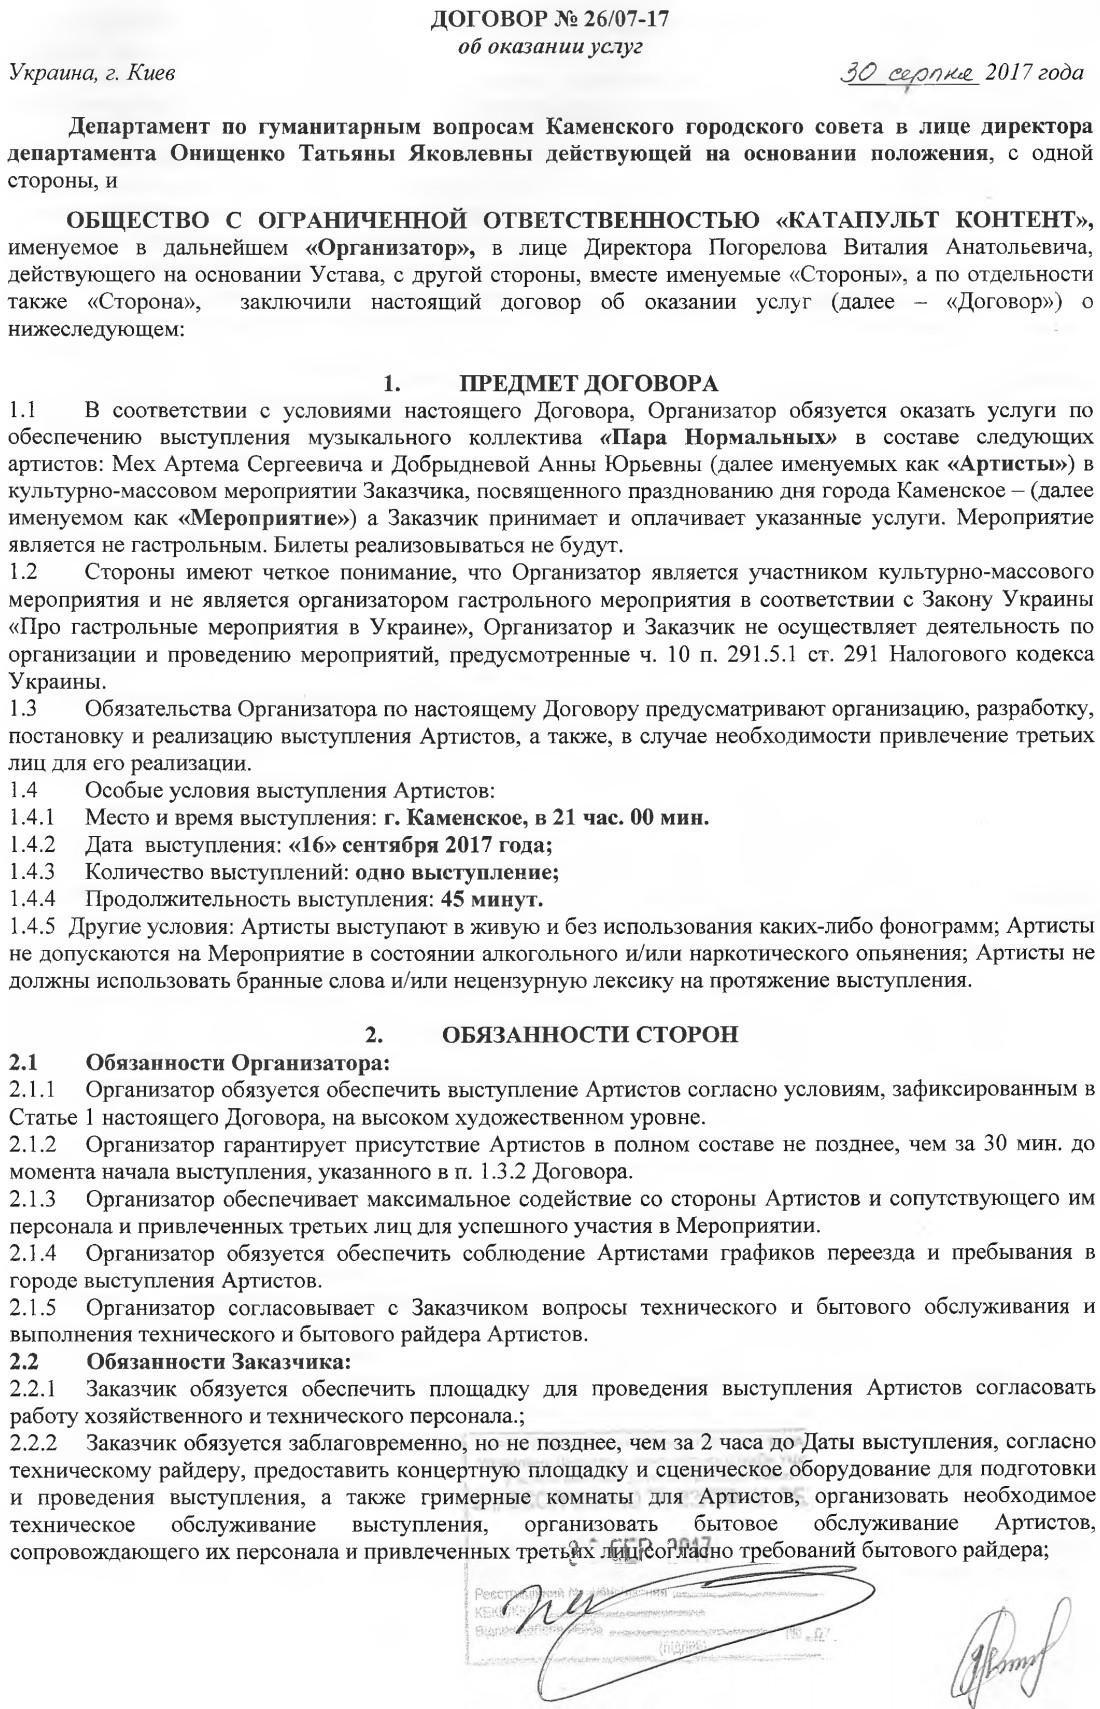 """За концерт """"Пара Нормальных""""  Каменское заплатит 137 тысяч гривен, фото-1"""